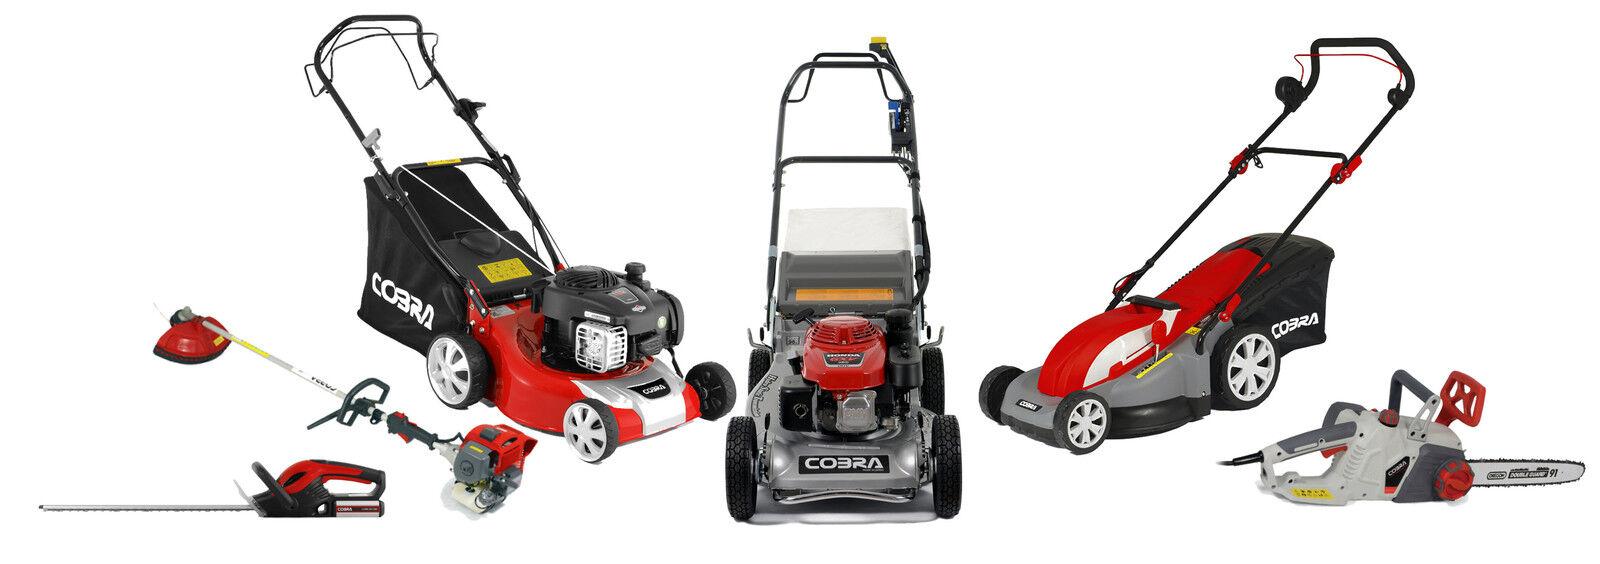 garden-machinery-parts